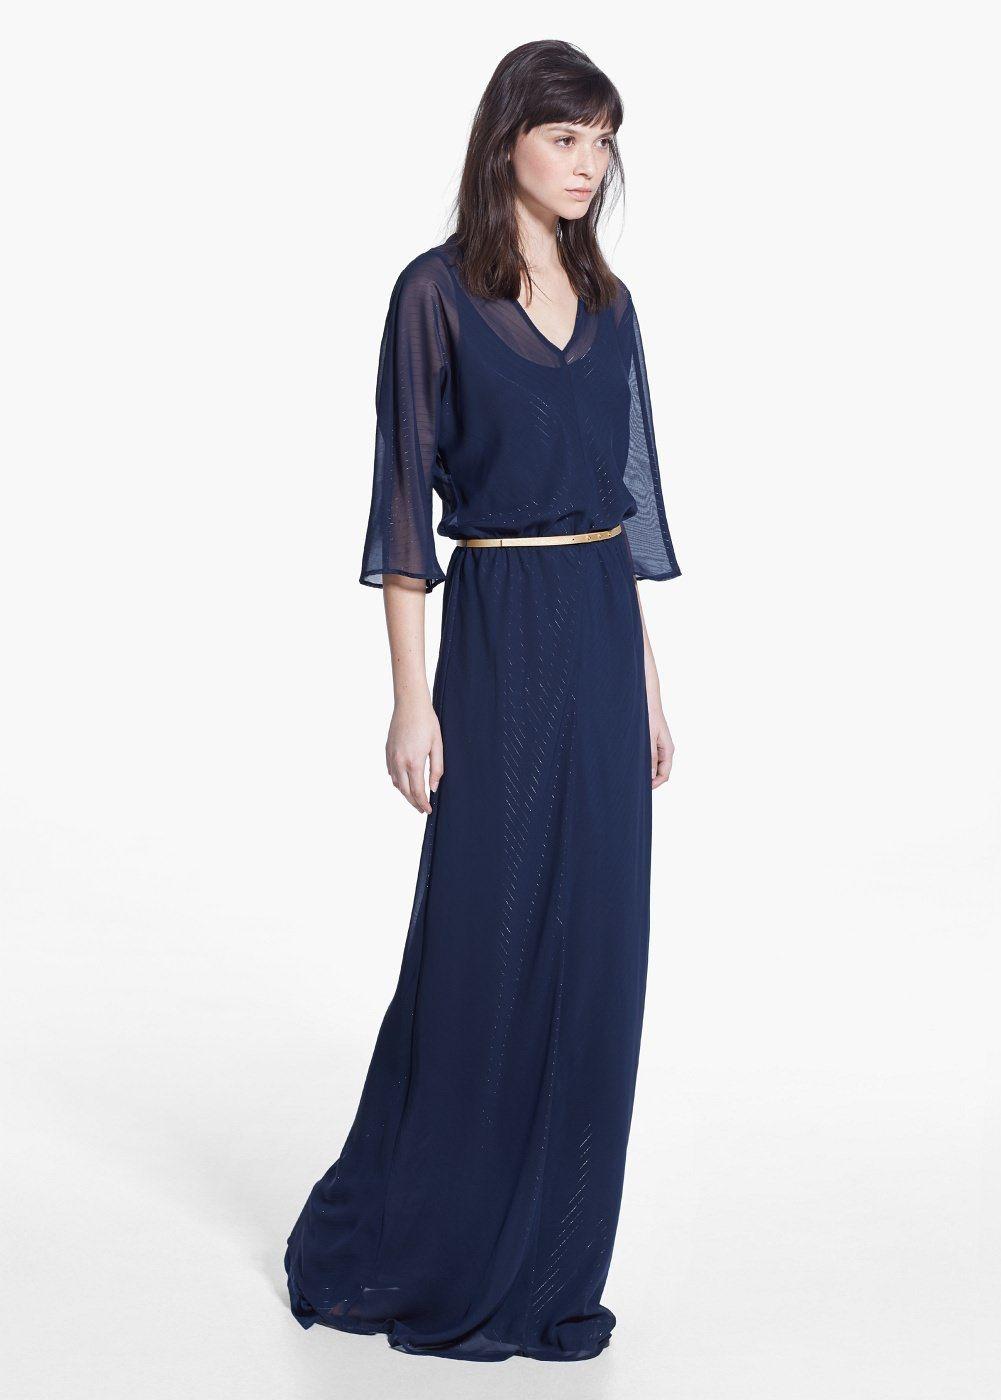 Robe longue à ceinture - Femme   Look   Pinterest   Dresses, Gowns ... 387de1722cee